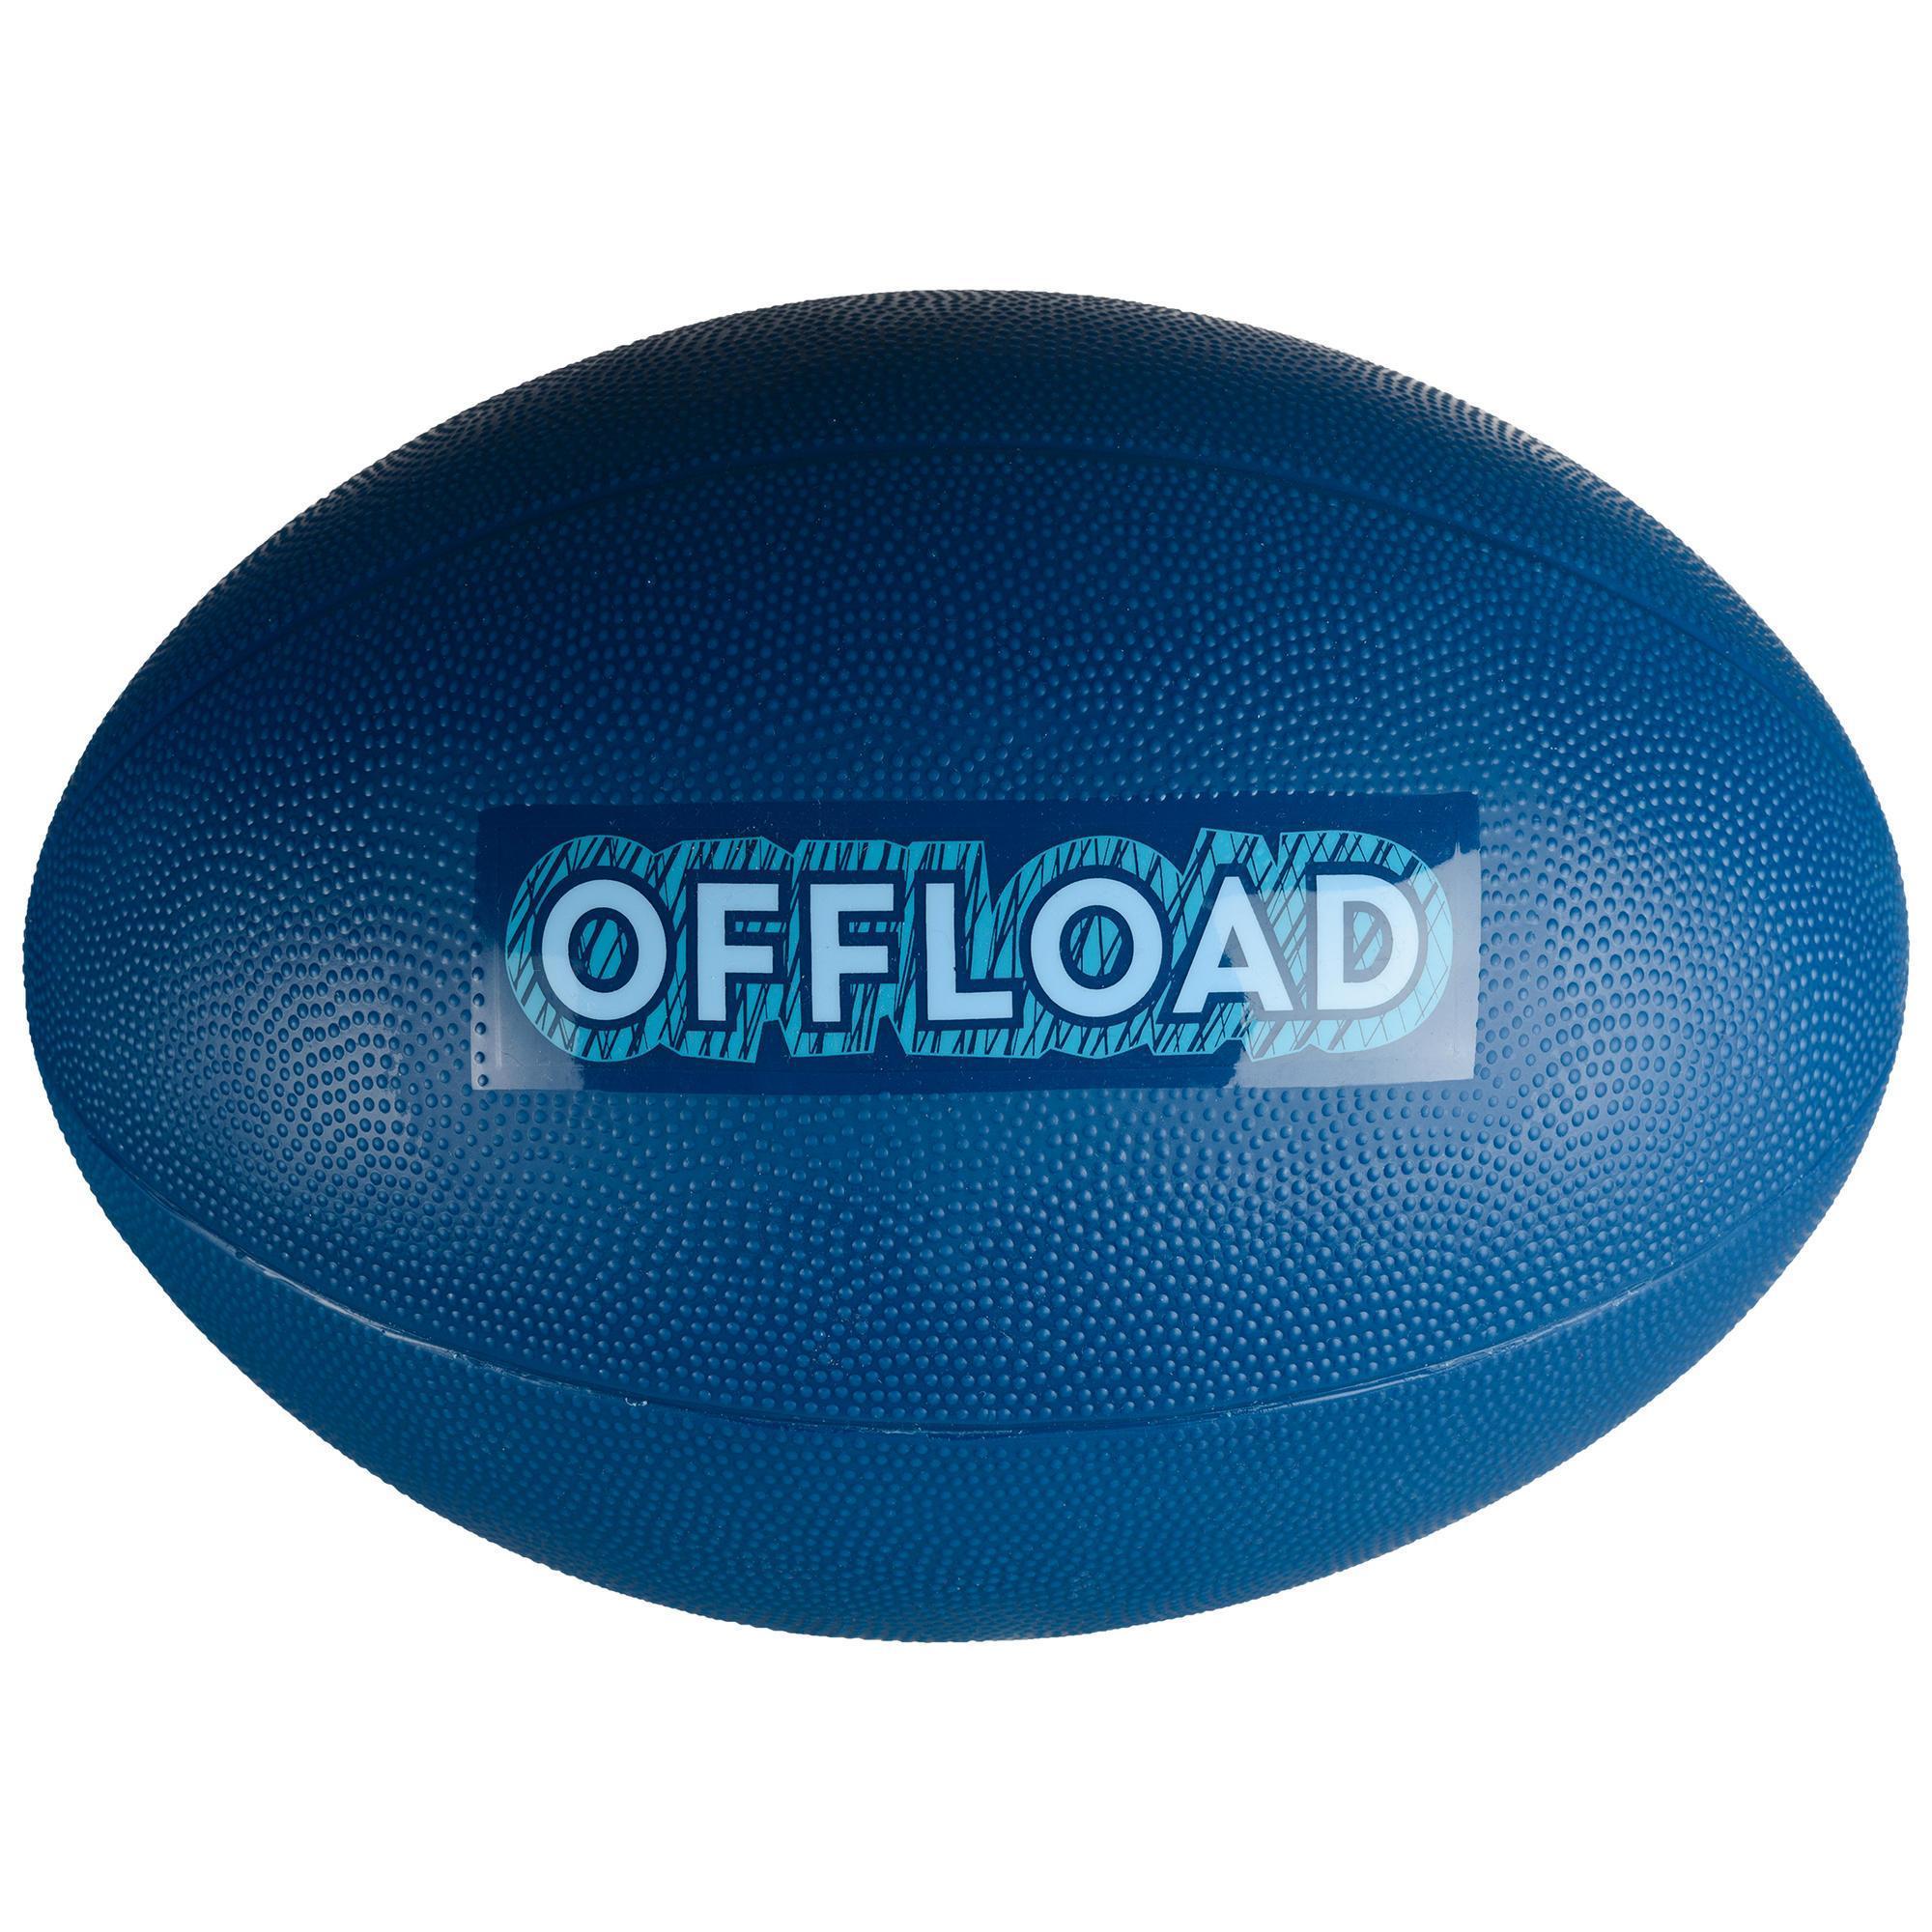 Comprar Balones y Pelotas de Rugby online  e93beae9ffc18